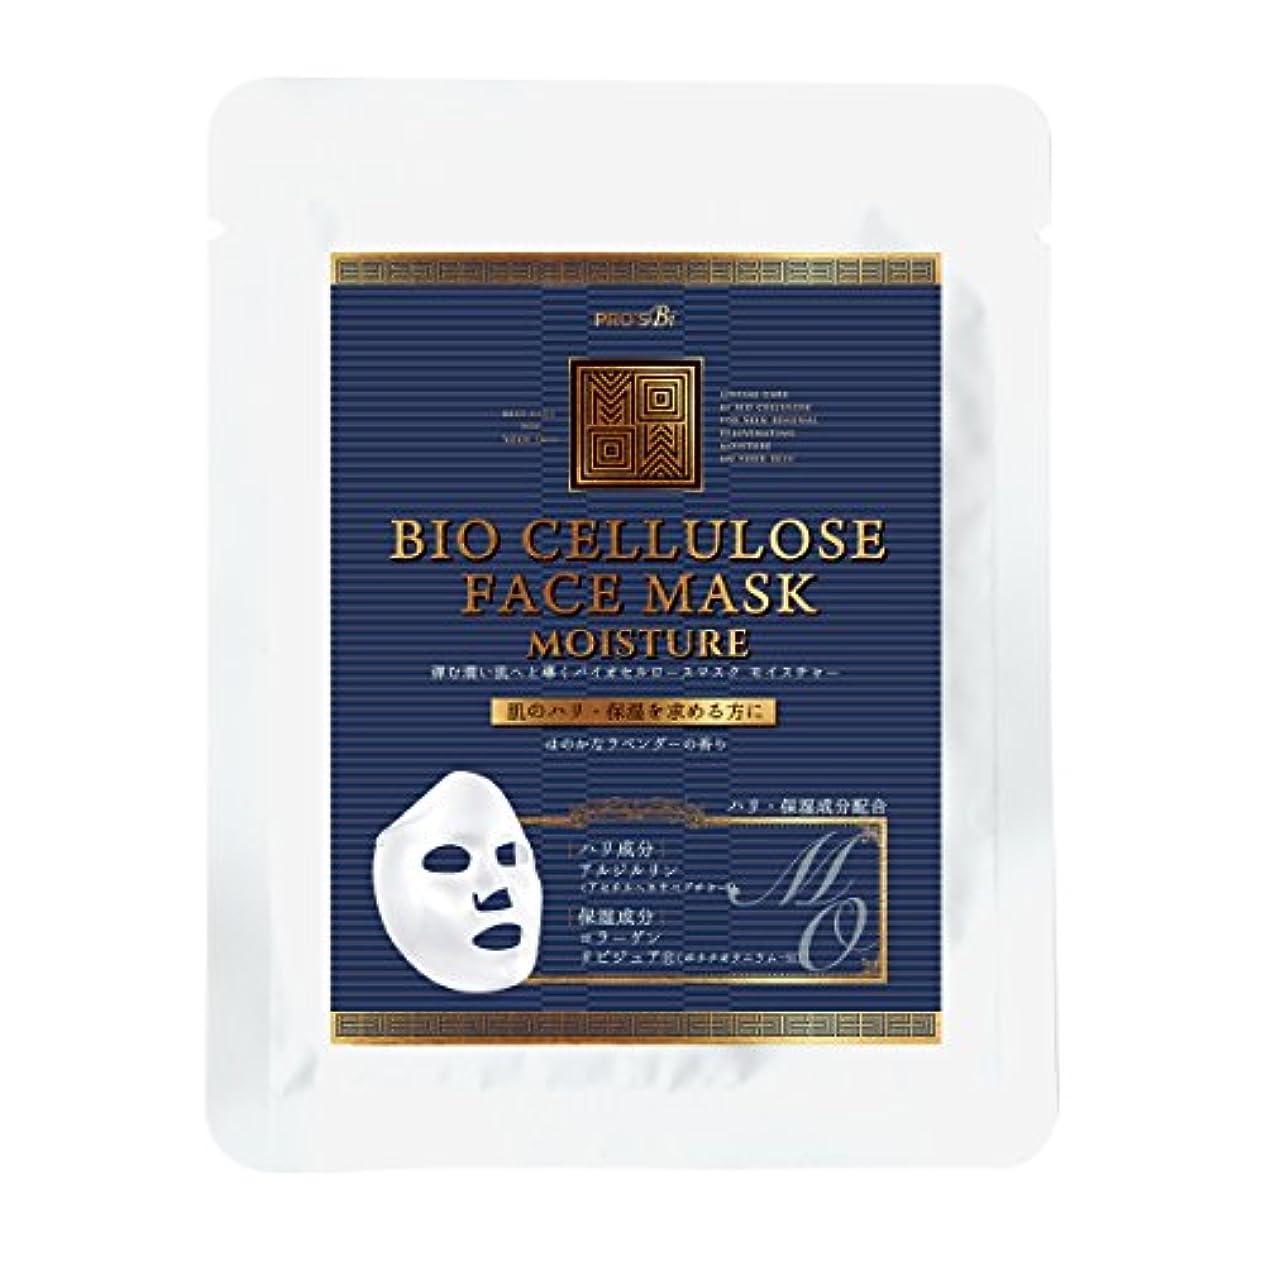 素晴らしさ湿度マーク【全4種】 プロズビ バイオセルロースマスク モイスチャー [ フェイスマスク フェイスシート フェイスパック フェイシャルマスク シートマスク フェイシャルシート フェイシャルパック ローションマスク ローションパック 顔パック ]